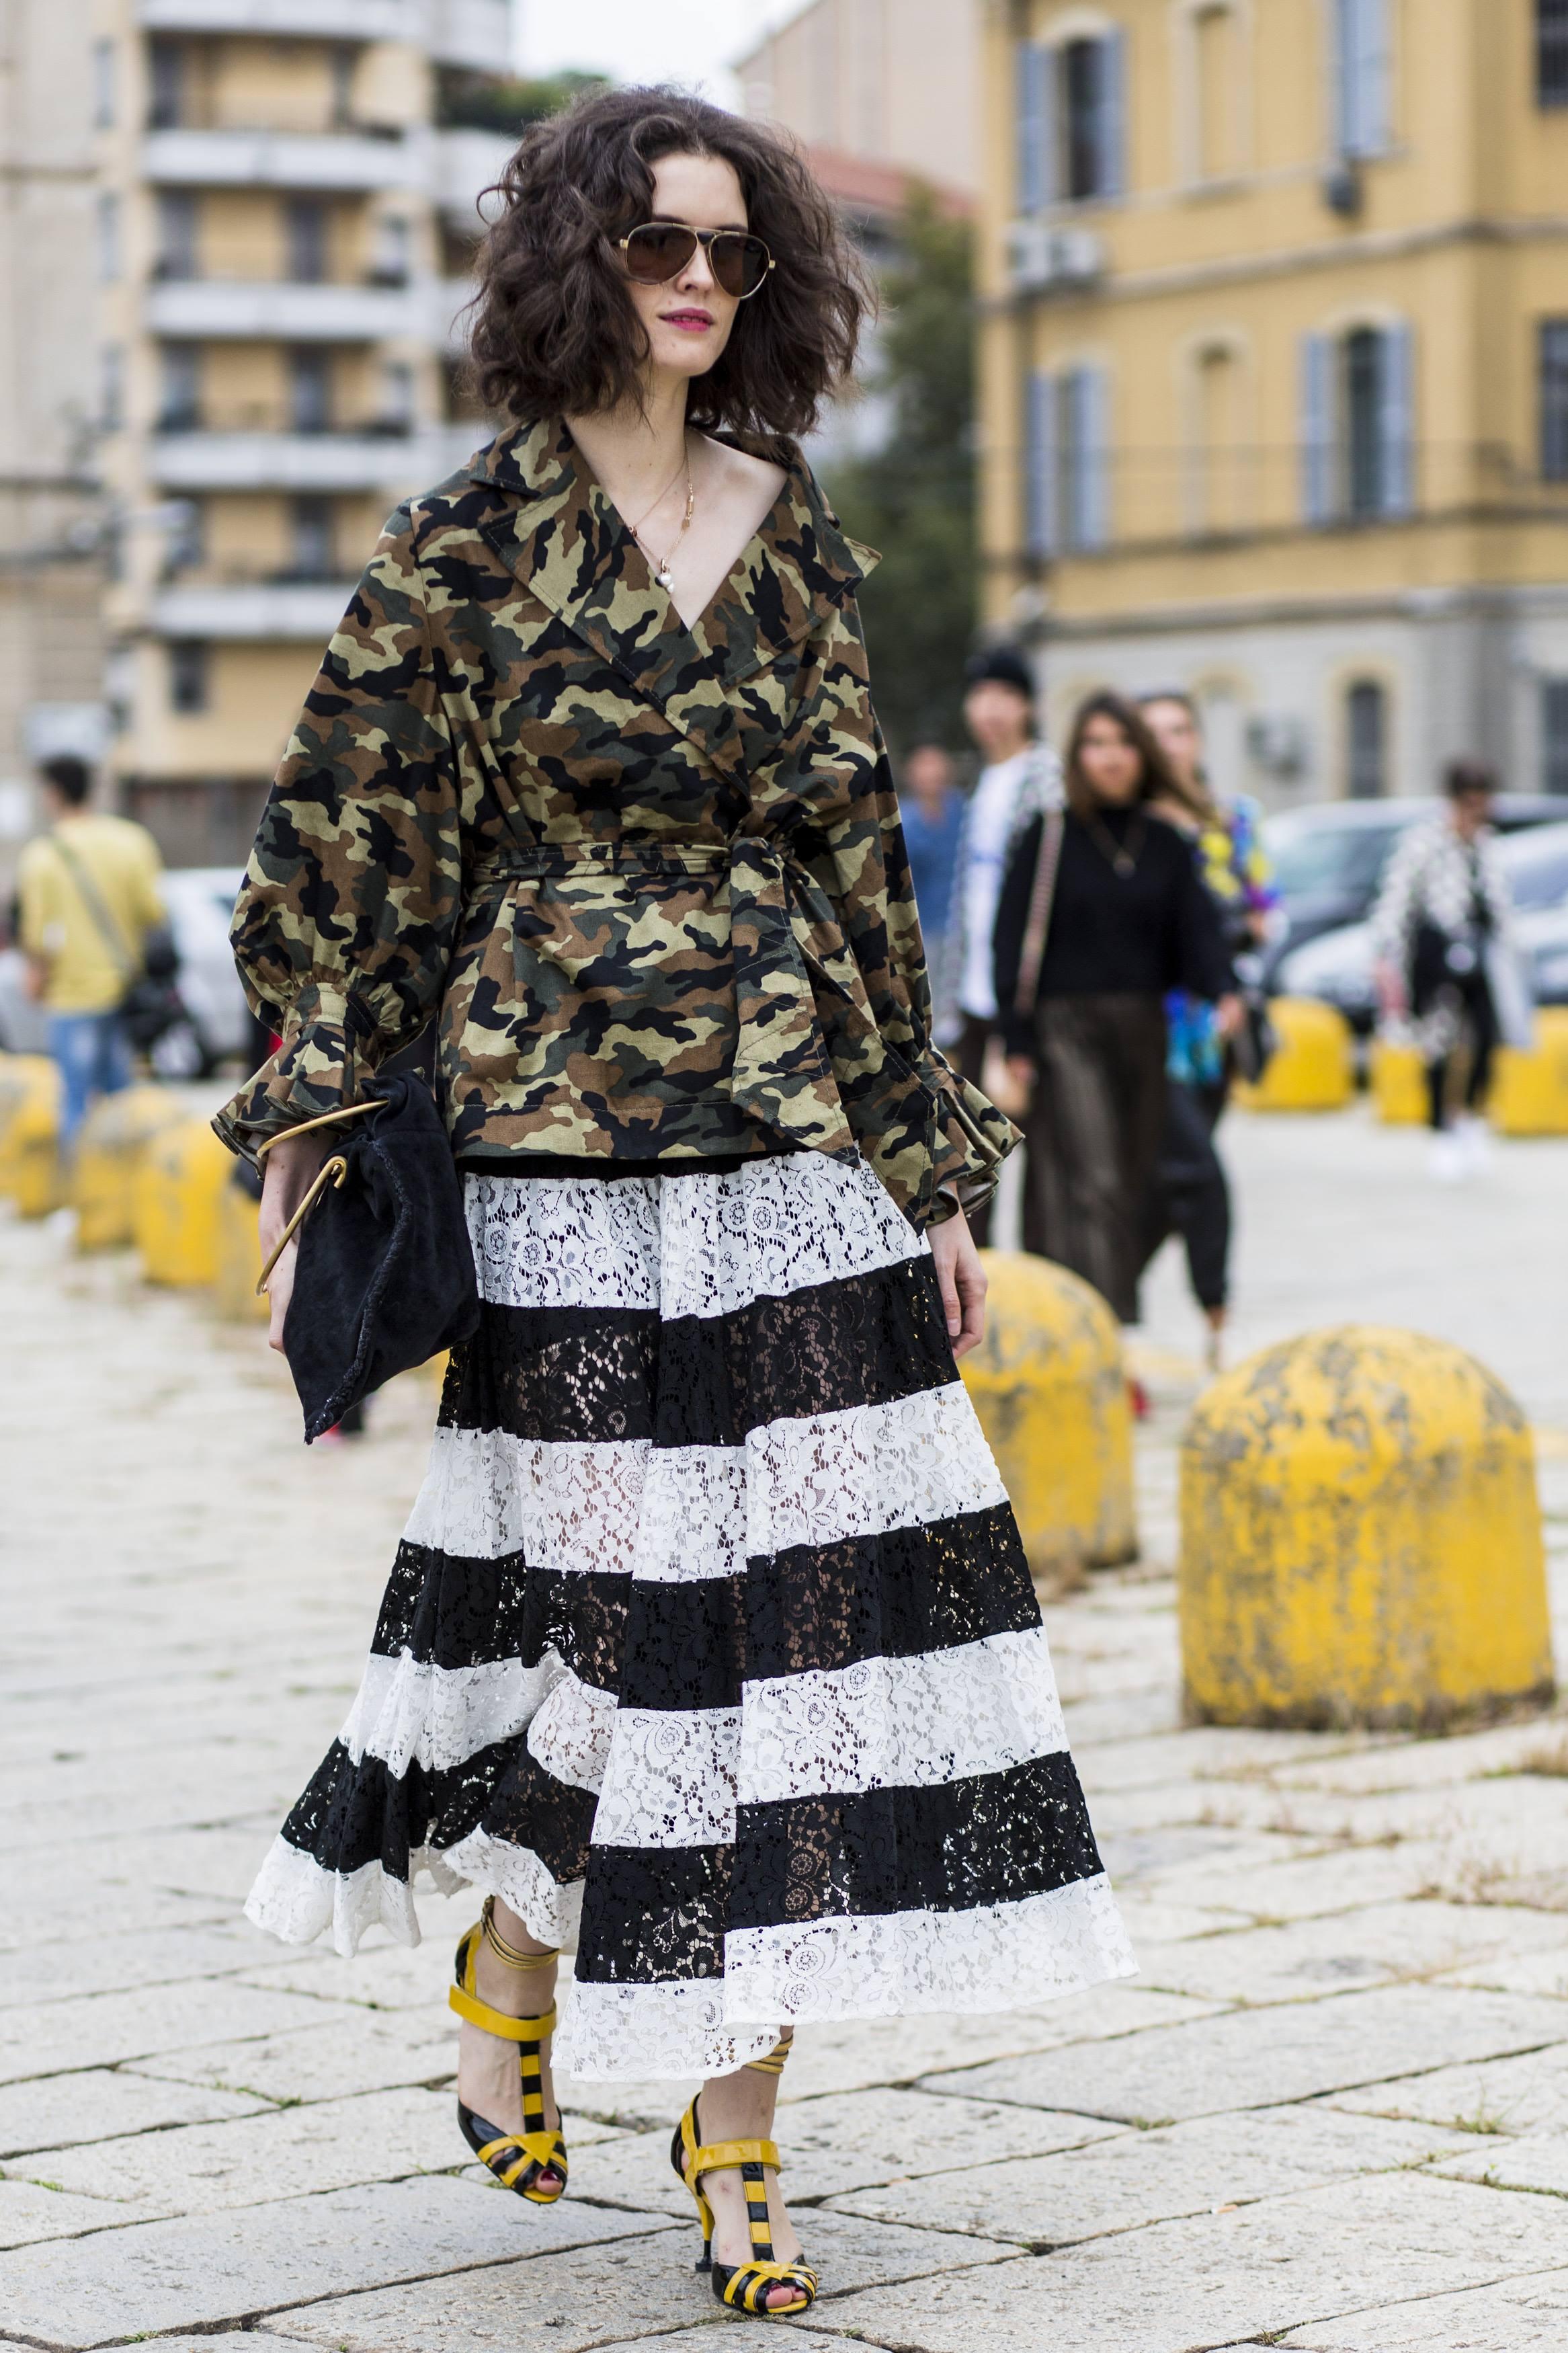 카무 플라주 패턴의 캐주얼한 재킷과 레이스 풀 스커트의 만남.